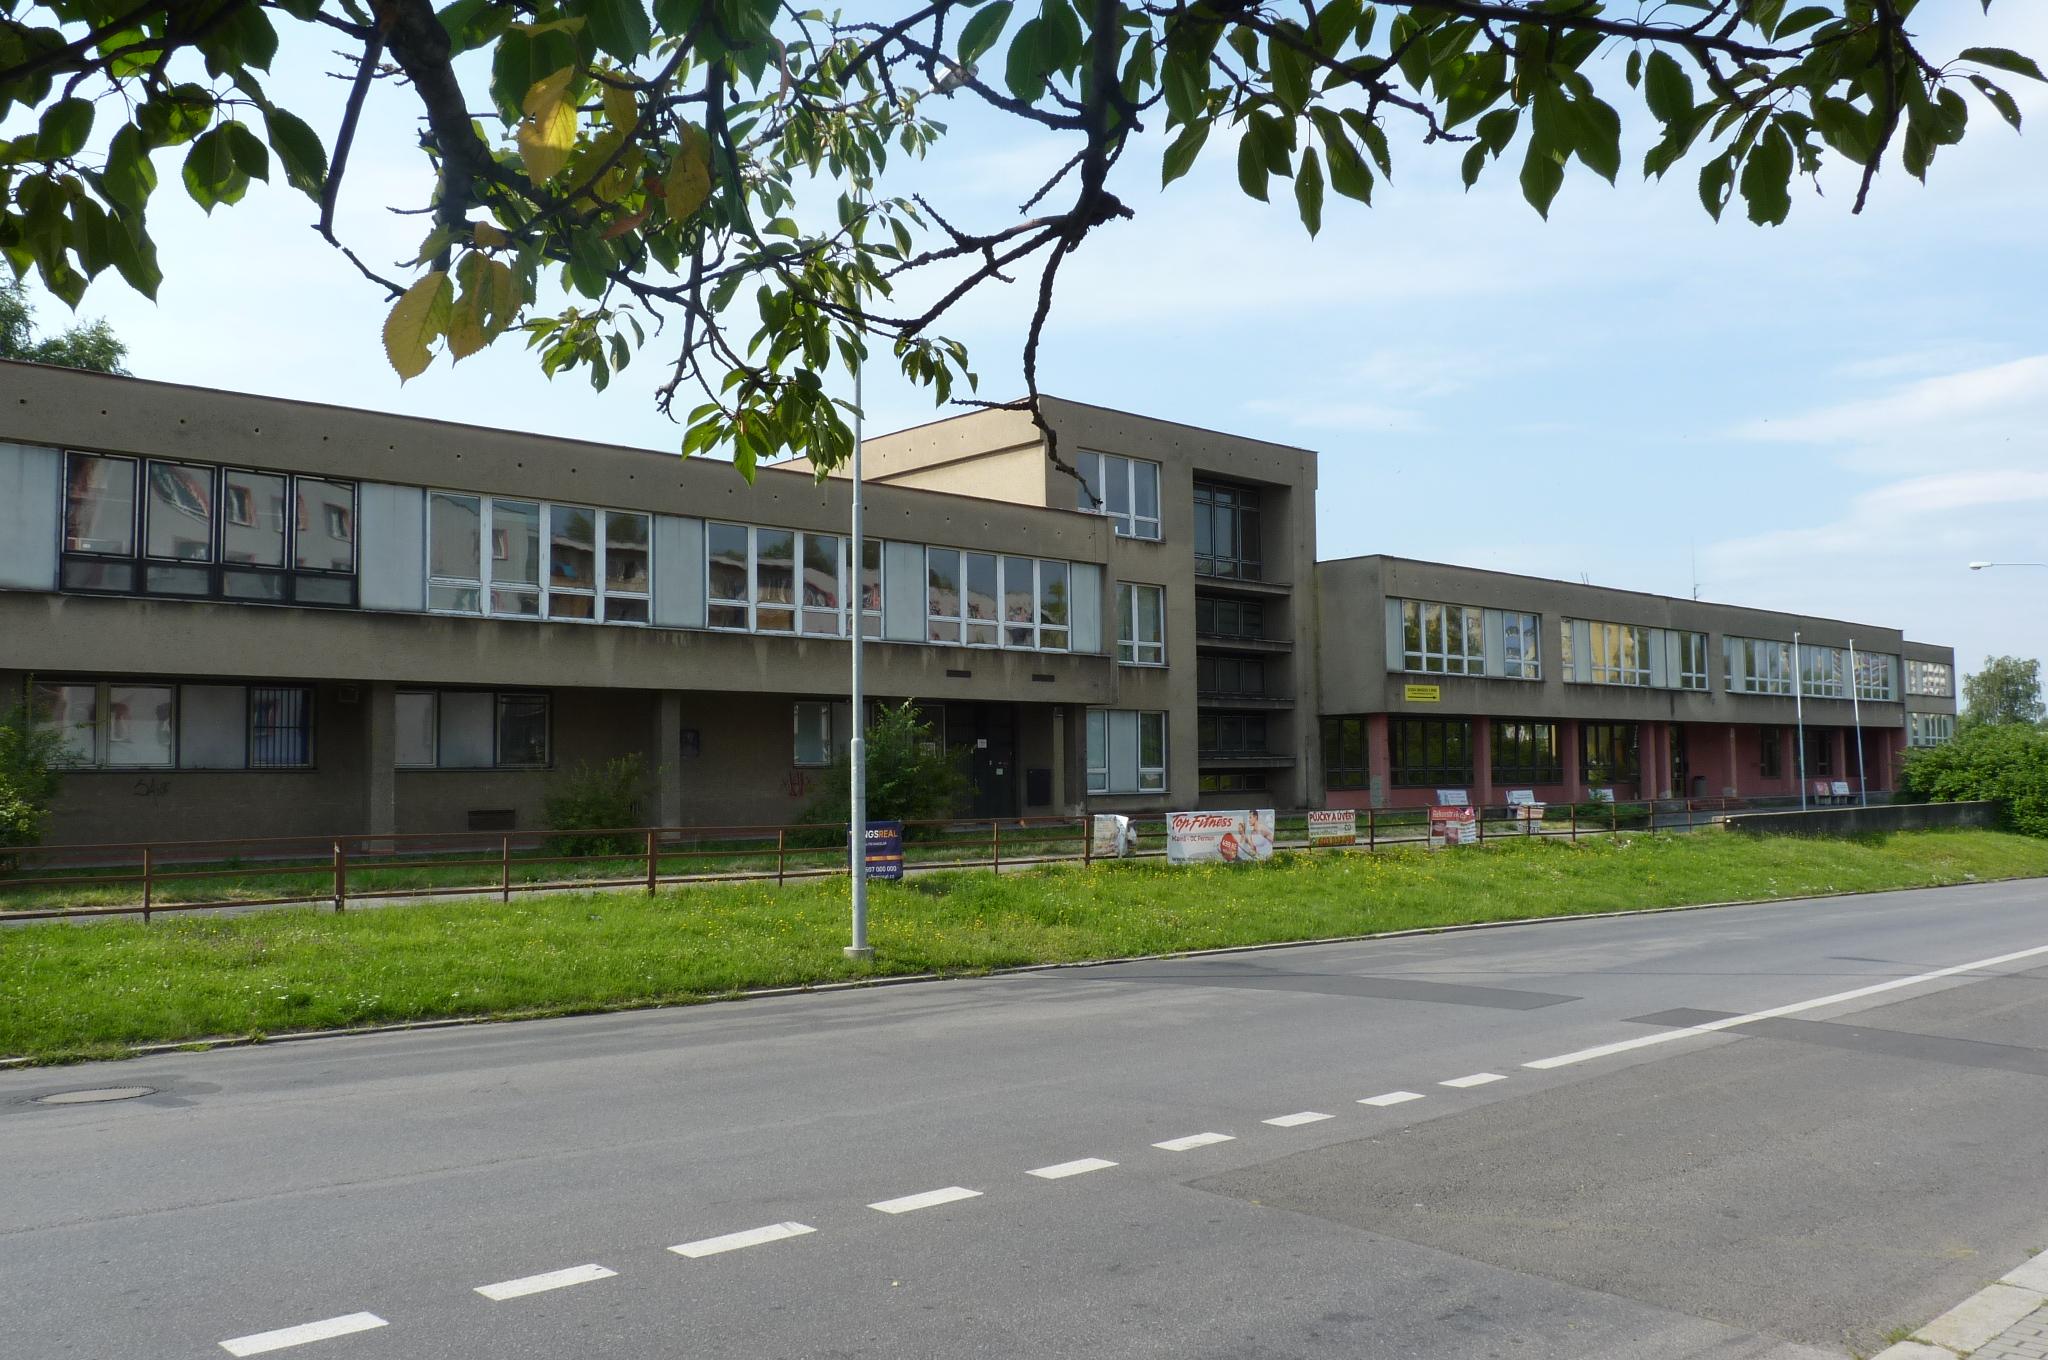 Areál základní školy Žižkova Karviná - prodej nemovitostí formou výběrového řízení